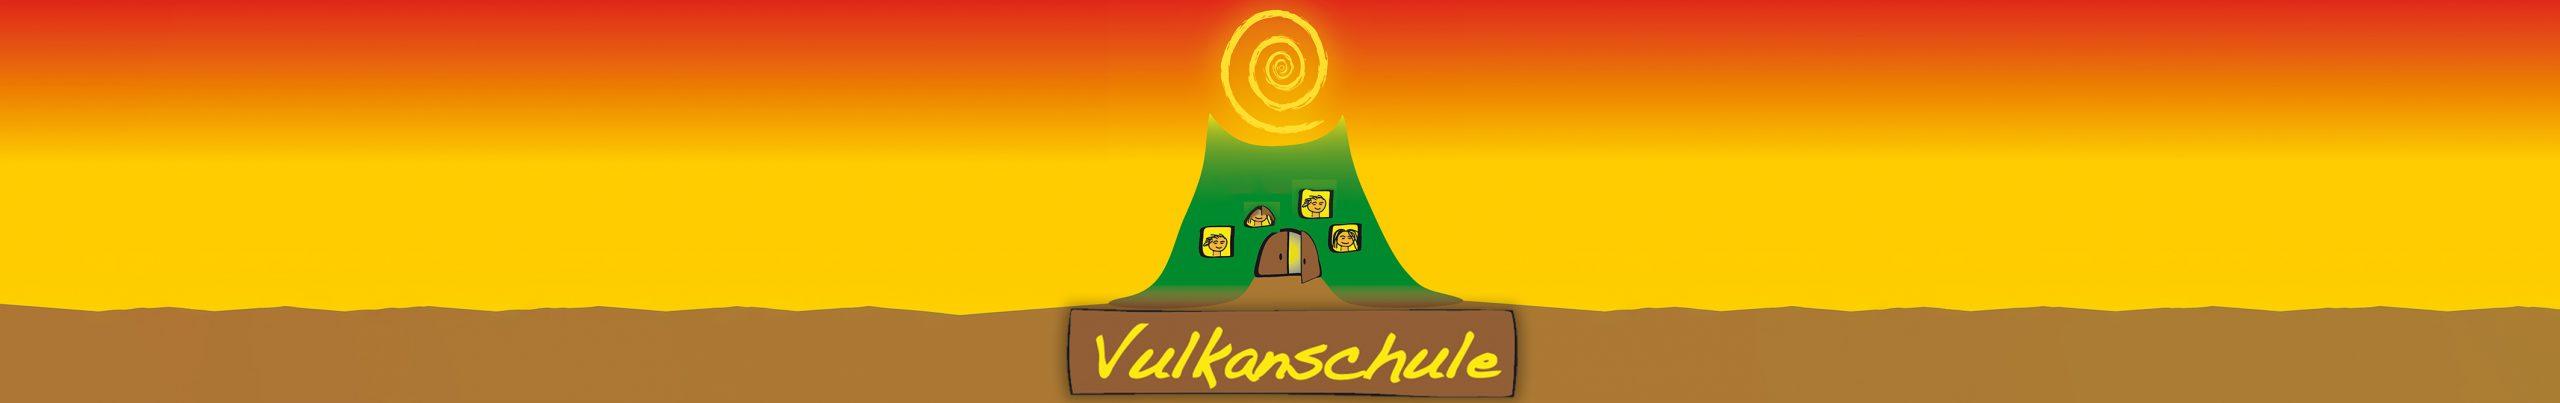 Vulkanschule Auersbach jedes Kind ist ein Wunder